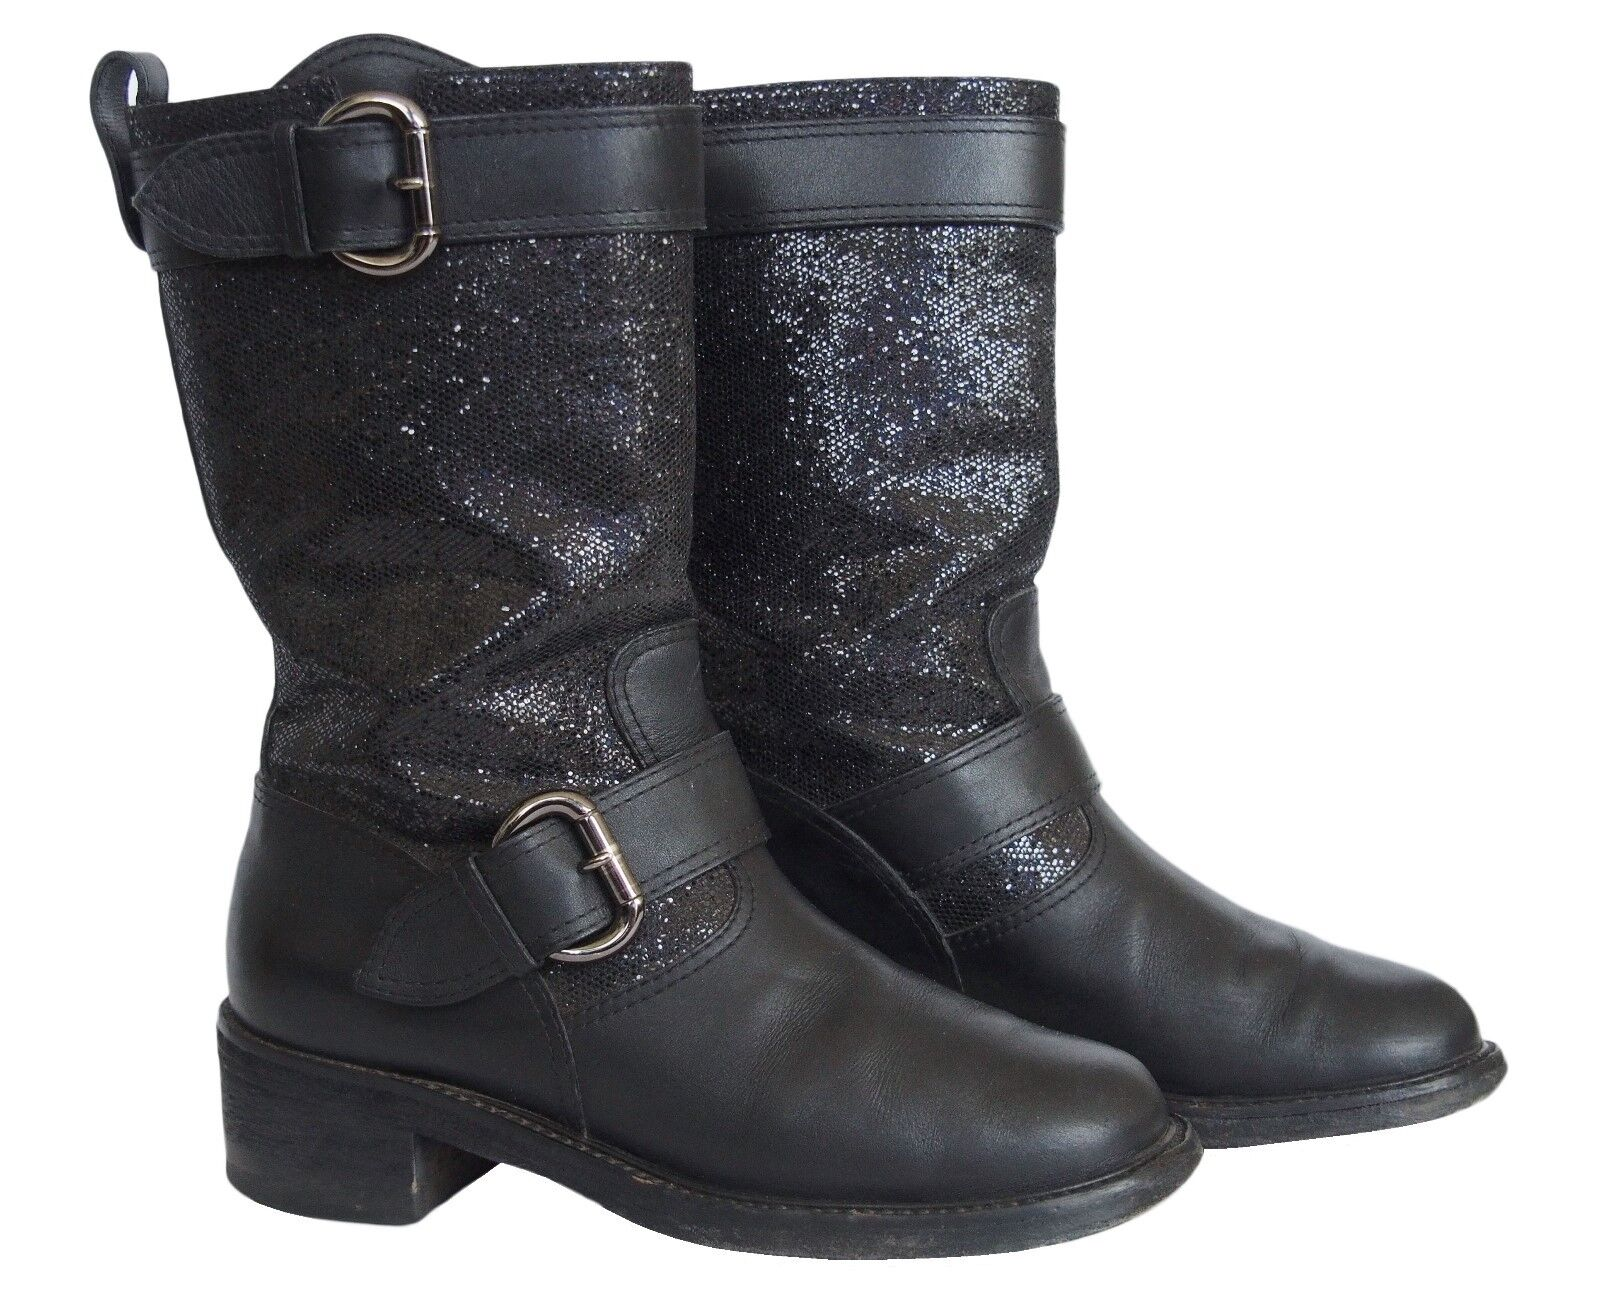 GIUSEPPE ZANOTTI ZANOTTI ZANOTTI  Boots Leather Black Size 36.5 US 6.5 c46a9e